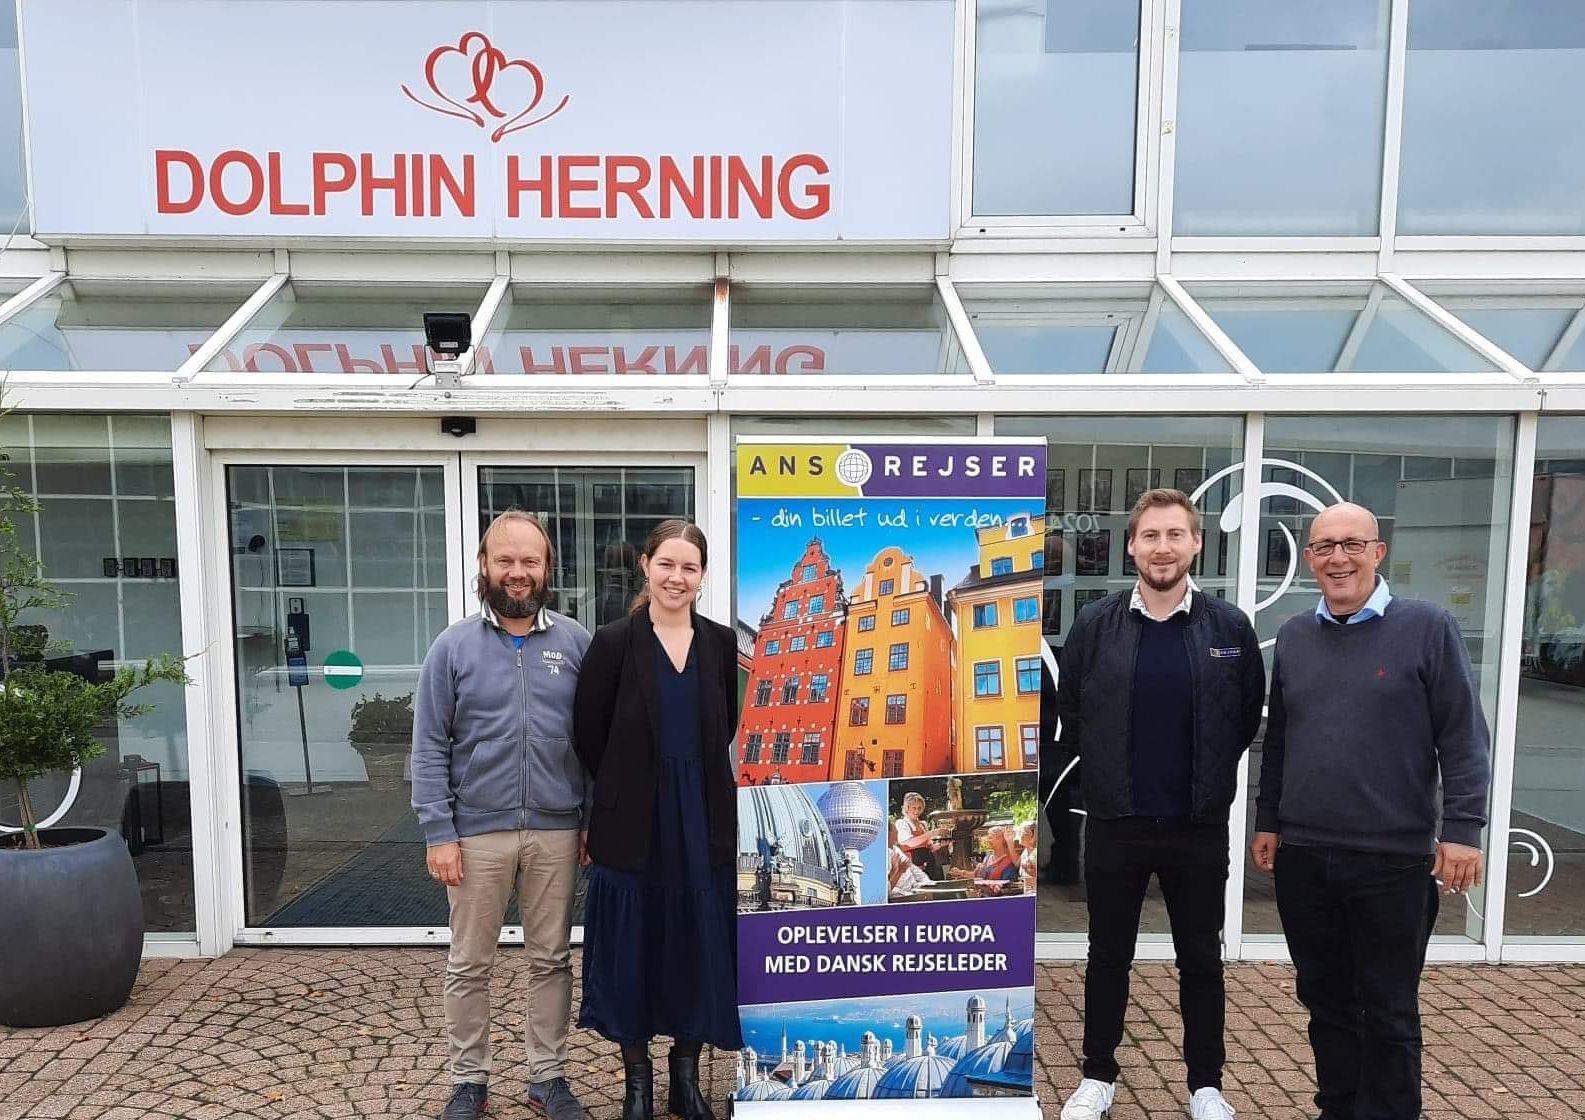 Den nye ejerkreds omkring Ans Rejser er fra venstre bestyrelsesformand Lars Facius Madsen, rejsebureauets nye direktør, Julie Ørum Vermø, bureauets nye daglige leder, Ole Kragelund, og bestyrelsesmedlem og medejer af Dolphin-gruppen, Jan Ørum Vermø. PR-foto.